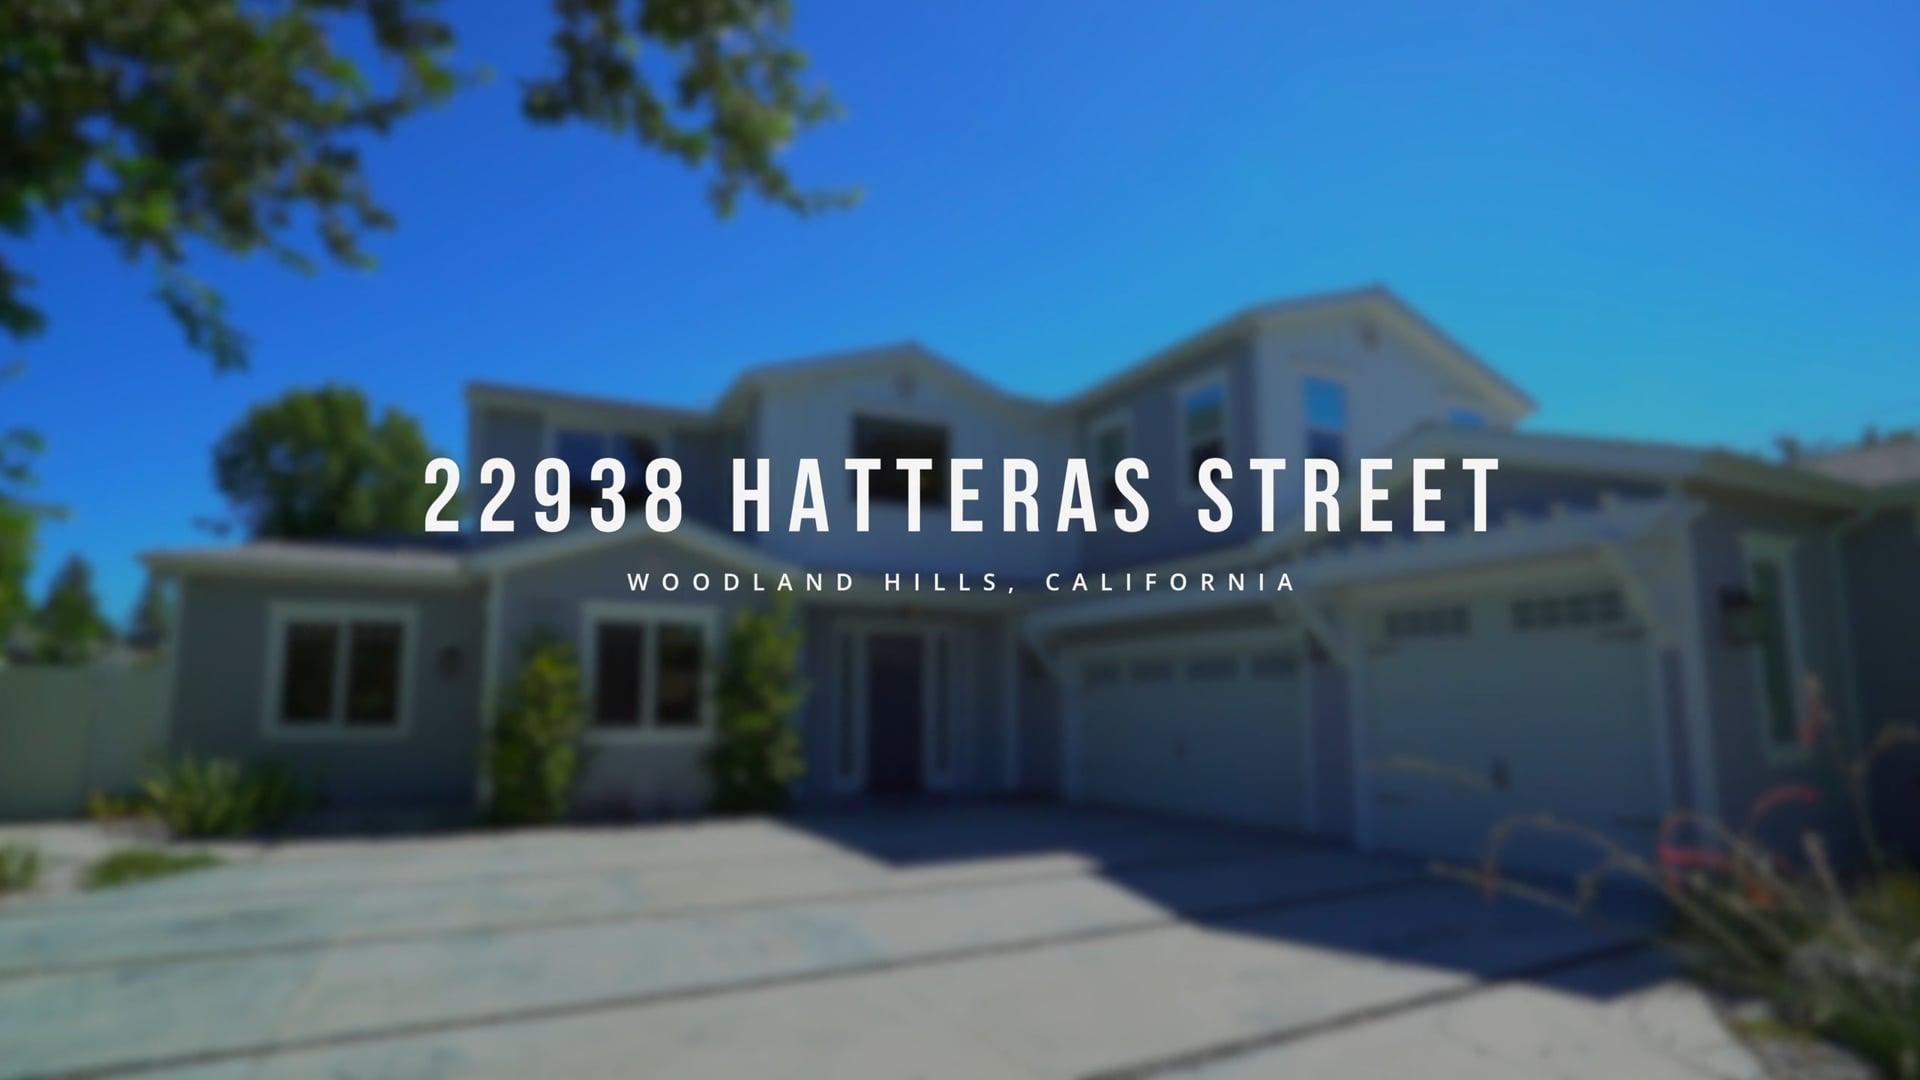 22938 Hatteras St, Woodland Hills, CA 91367